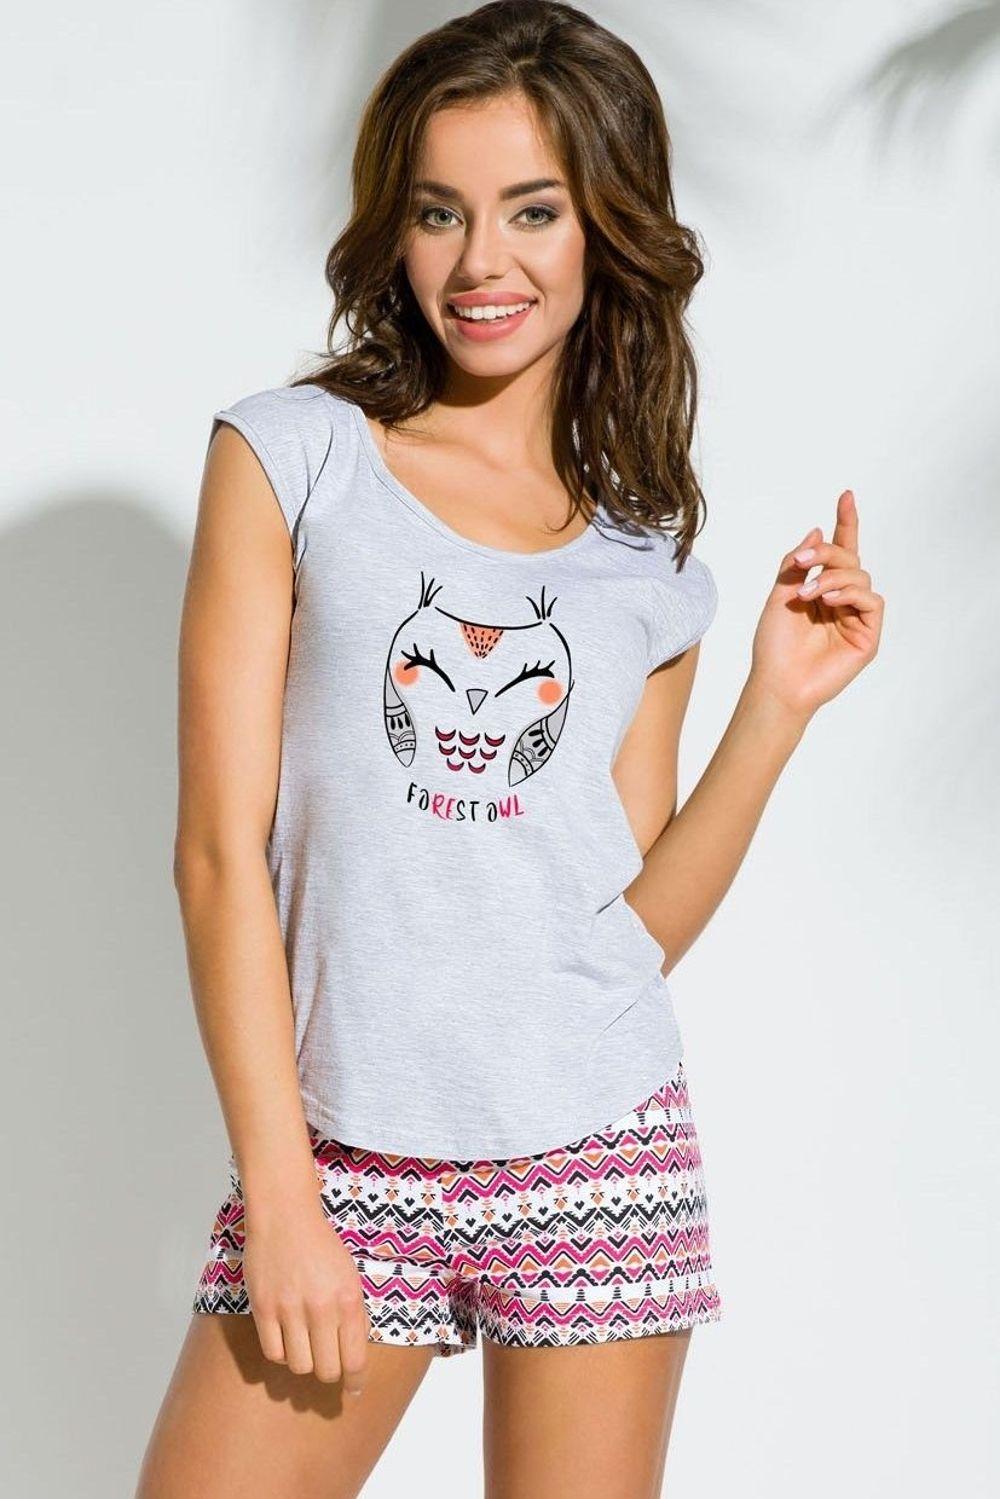 543343cf3b0291 Bawełniana piżamka z sową EVA 2157, jasny szary 41369 w cenie 46,80 ...